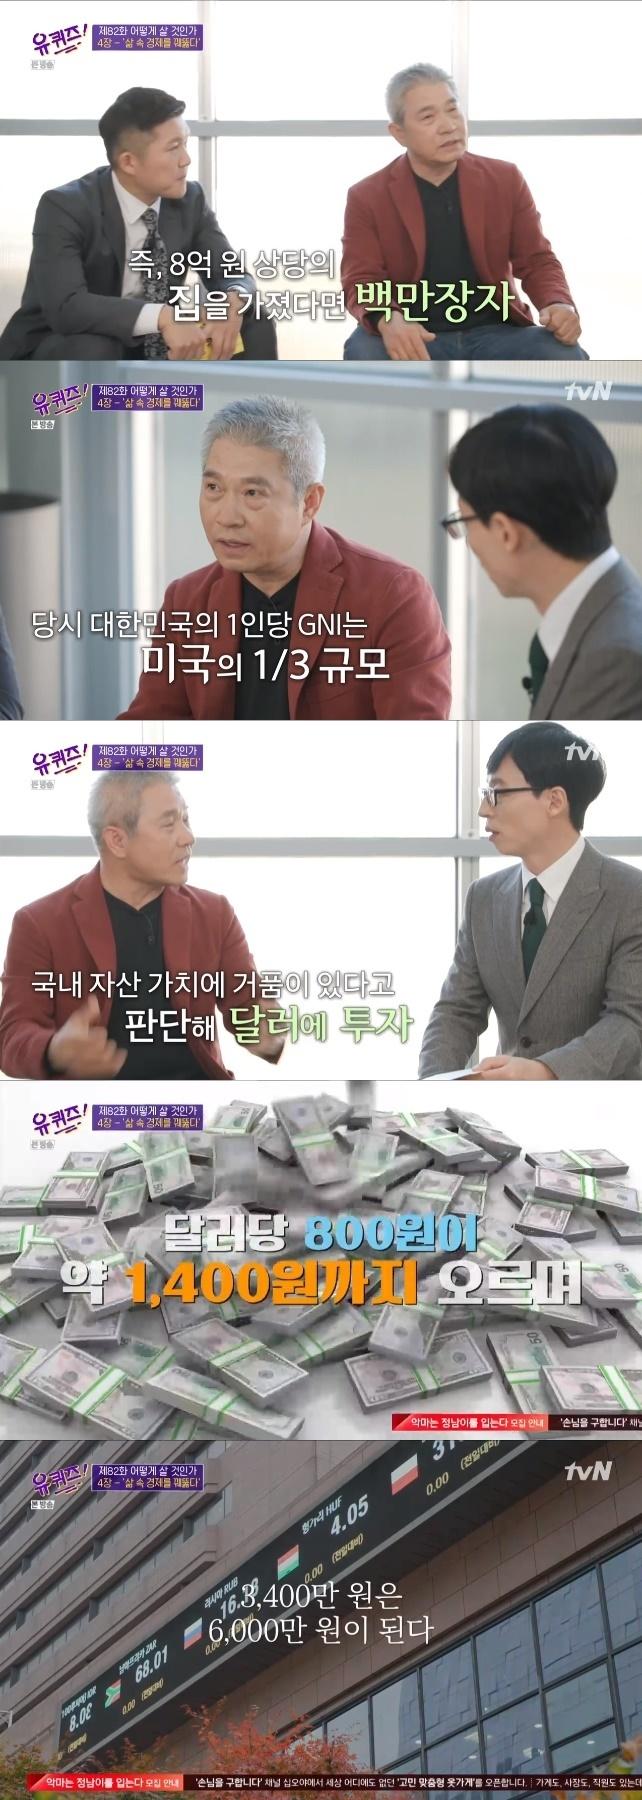 """""""3,400만원→156억 벌기까지"""" 강방천 회장 투자 비결(유퀴즈)[어제TV]"""